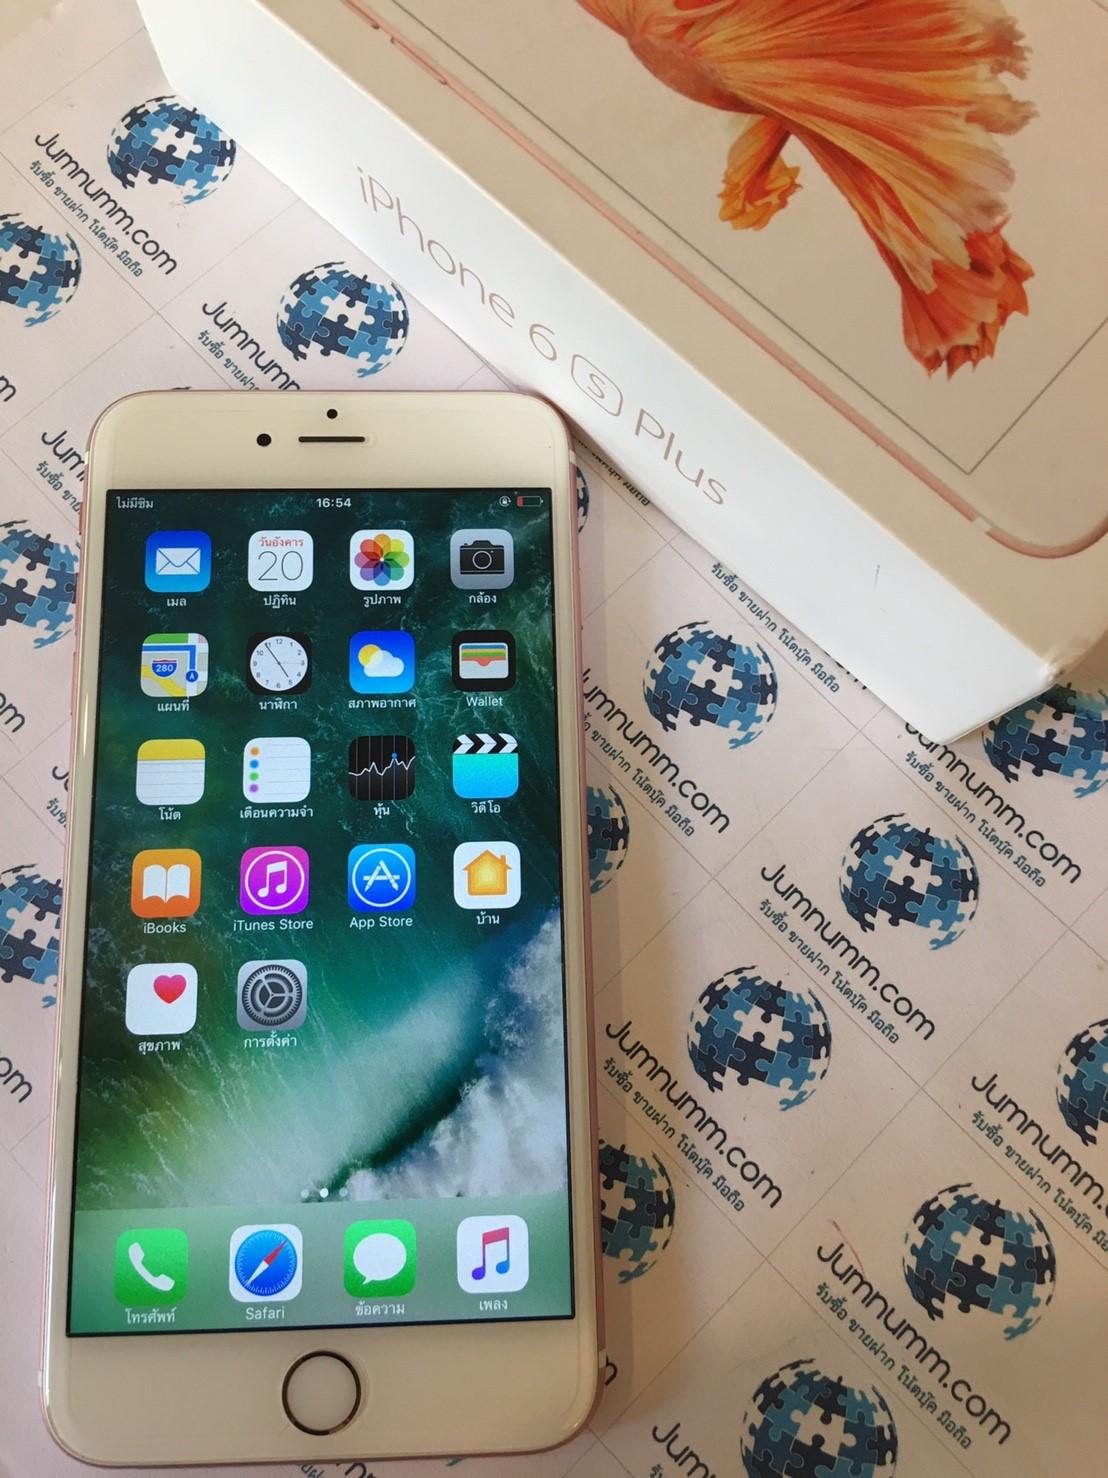 iPhone 6S Plus 64GB สีชมพู ประกันเหลือถึง กุมภาพันธ์ 2560เลยคะ